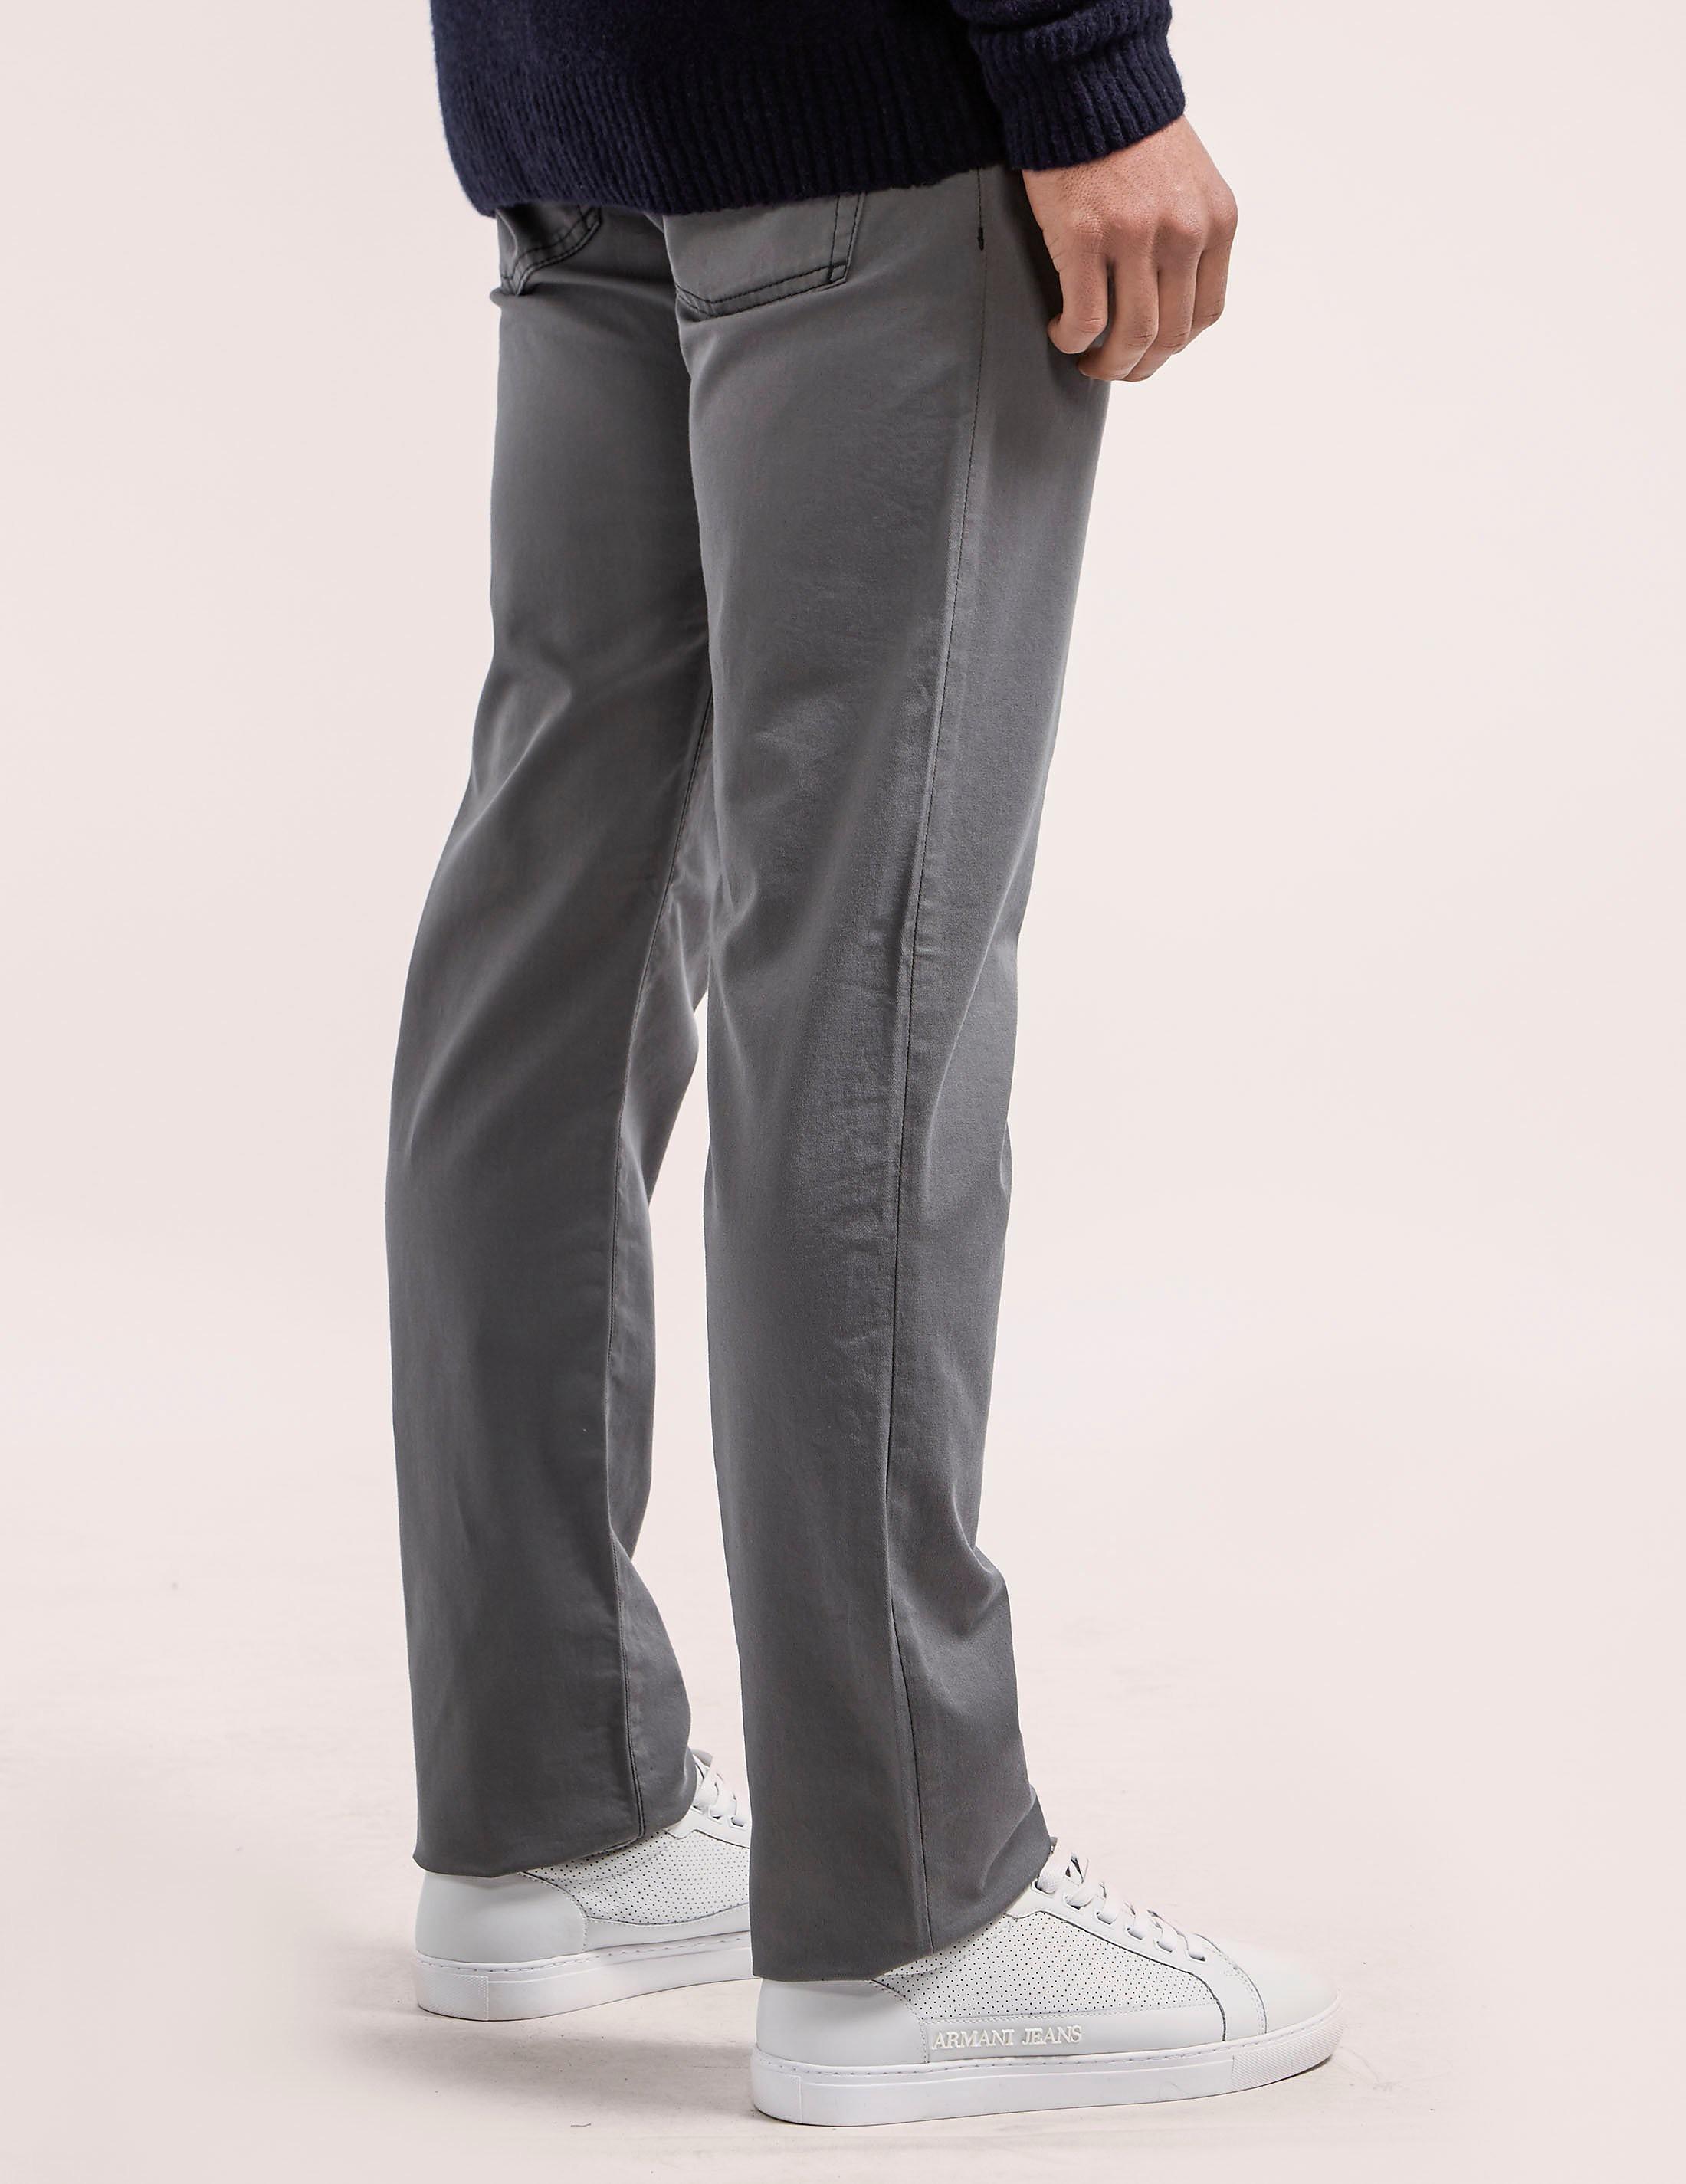 Armani Jeans J45 Slim Fit Bull Denim Jean